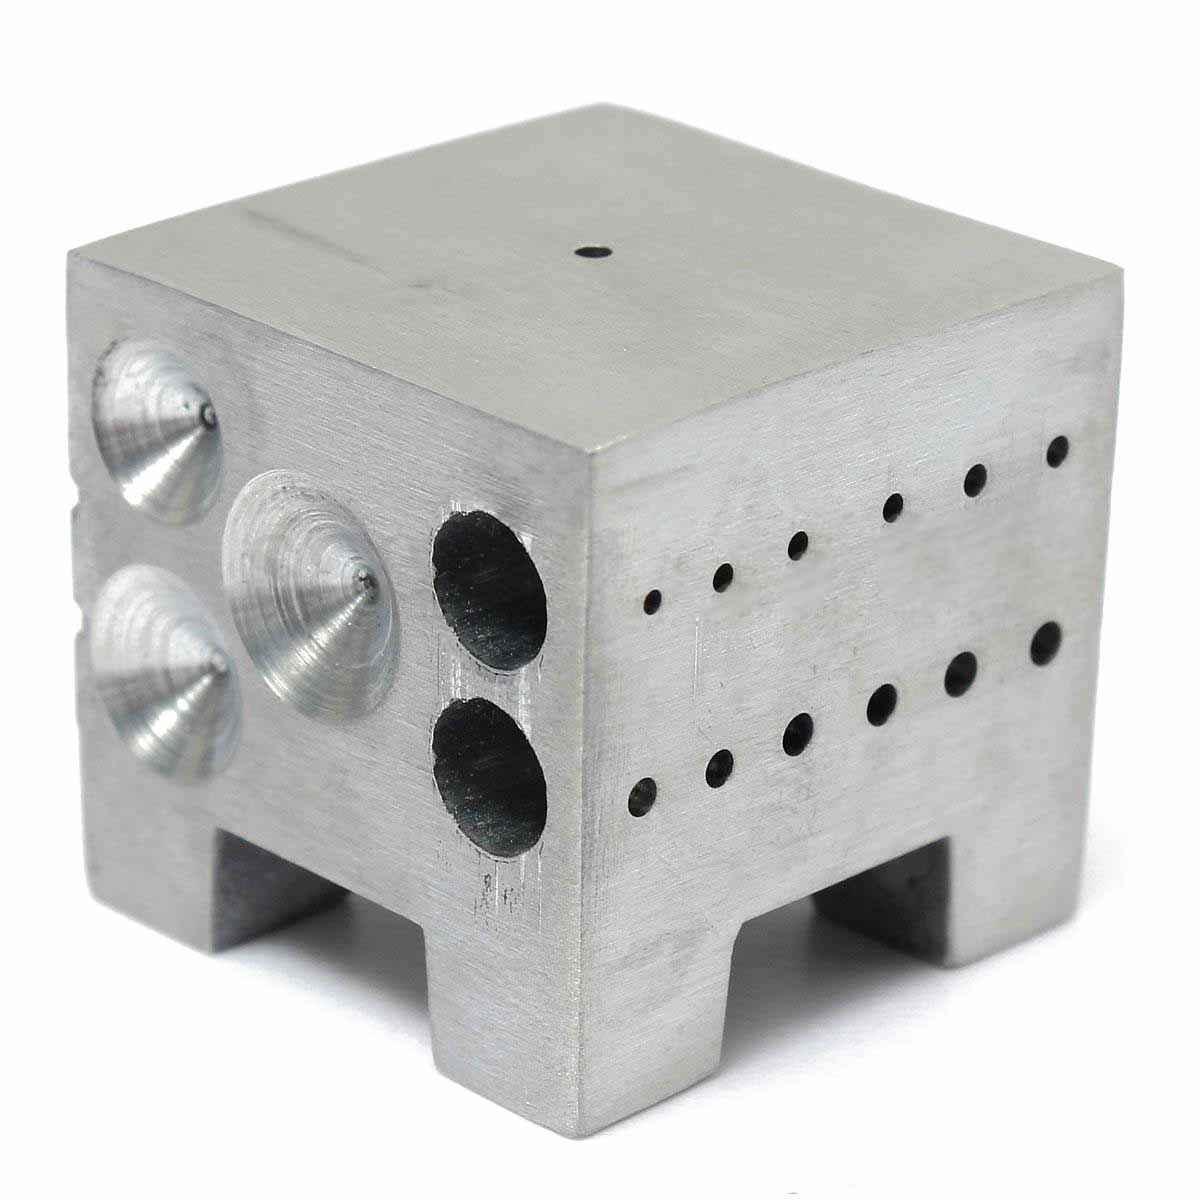 時計屋アルミ合金浮き沈みさせる釣り方ドーミングブロック時計宝石部品修理ホルダーツール